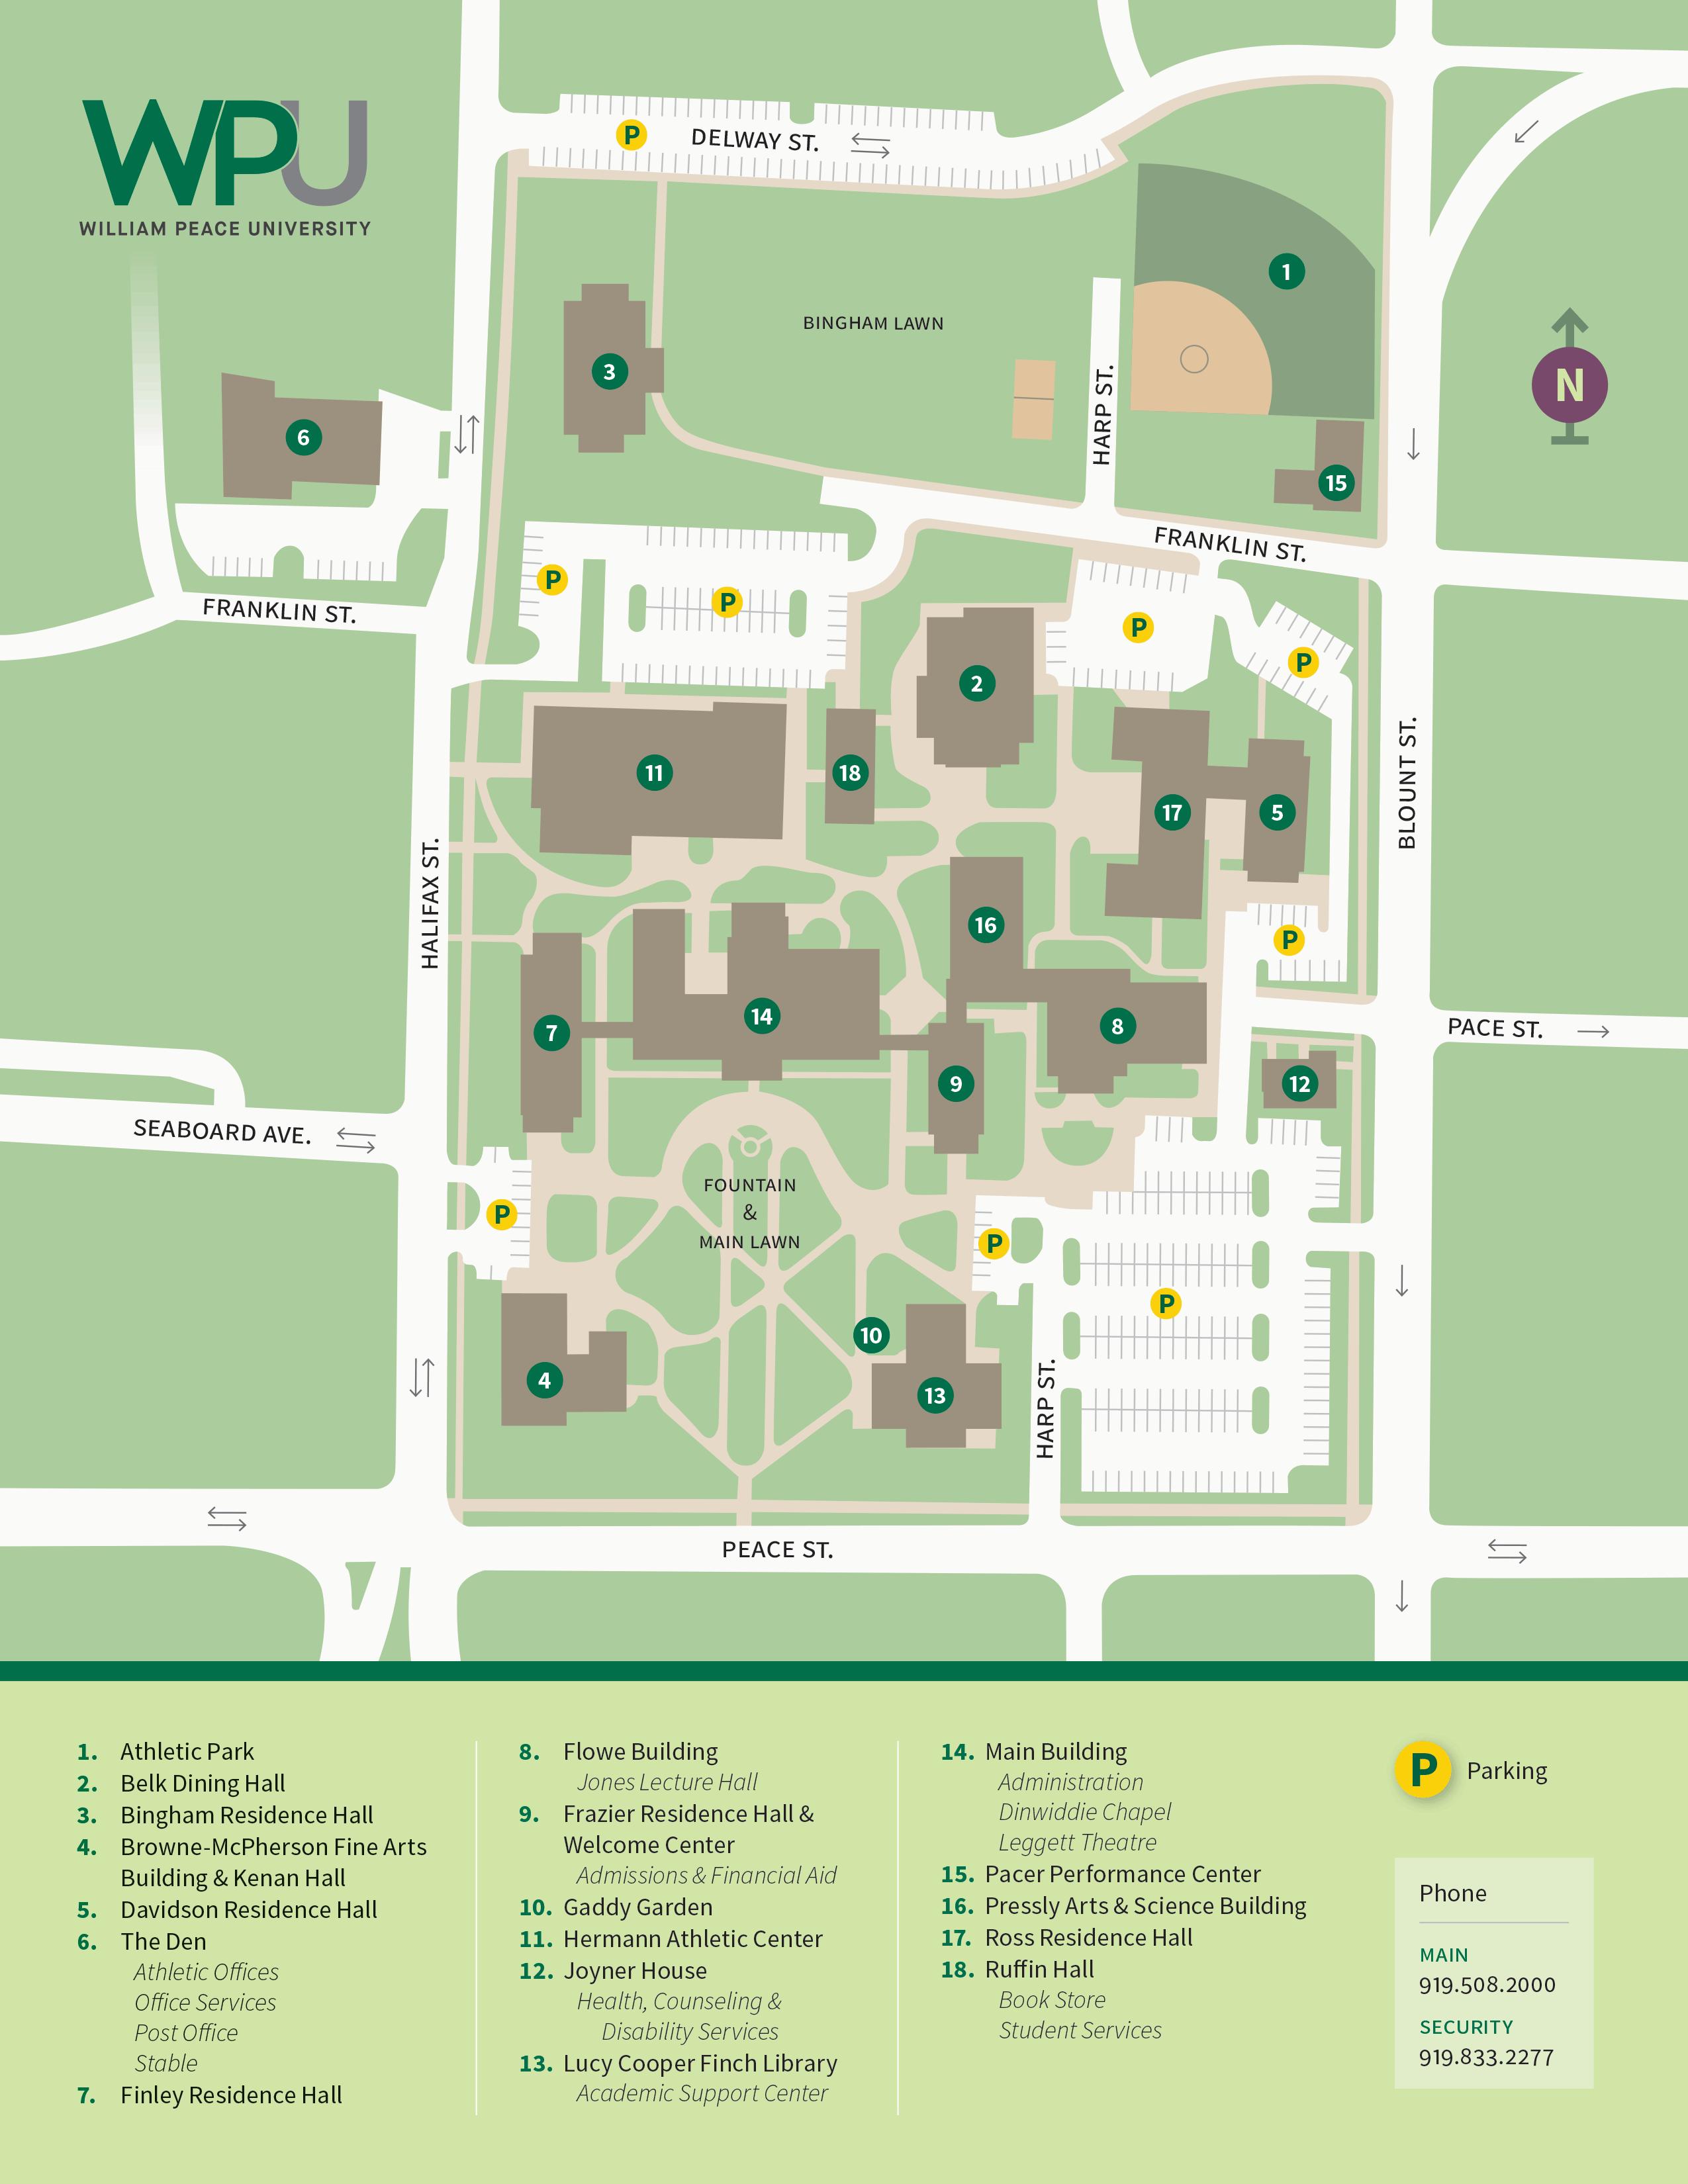 william peace university campus map Campus Map William Peace University william peace university campus map